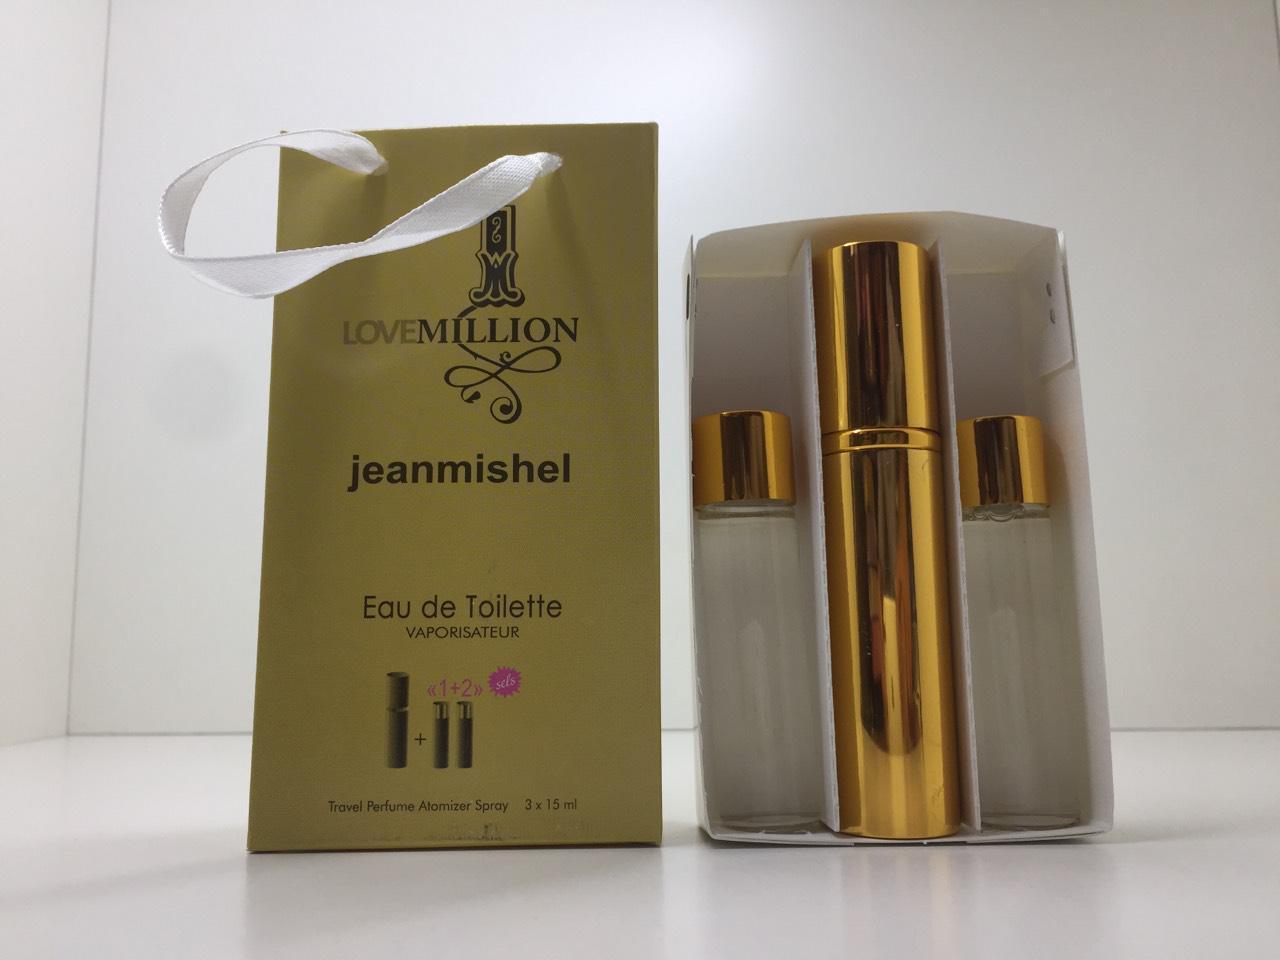 Подарунковий набір парфумів Jeanmishel 1 Million (Жанмишель Ван Мільйон) 3 по 15 мл